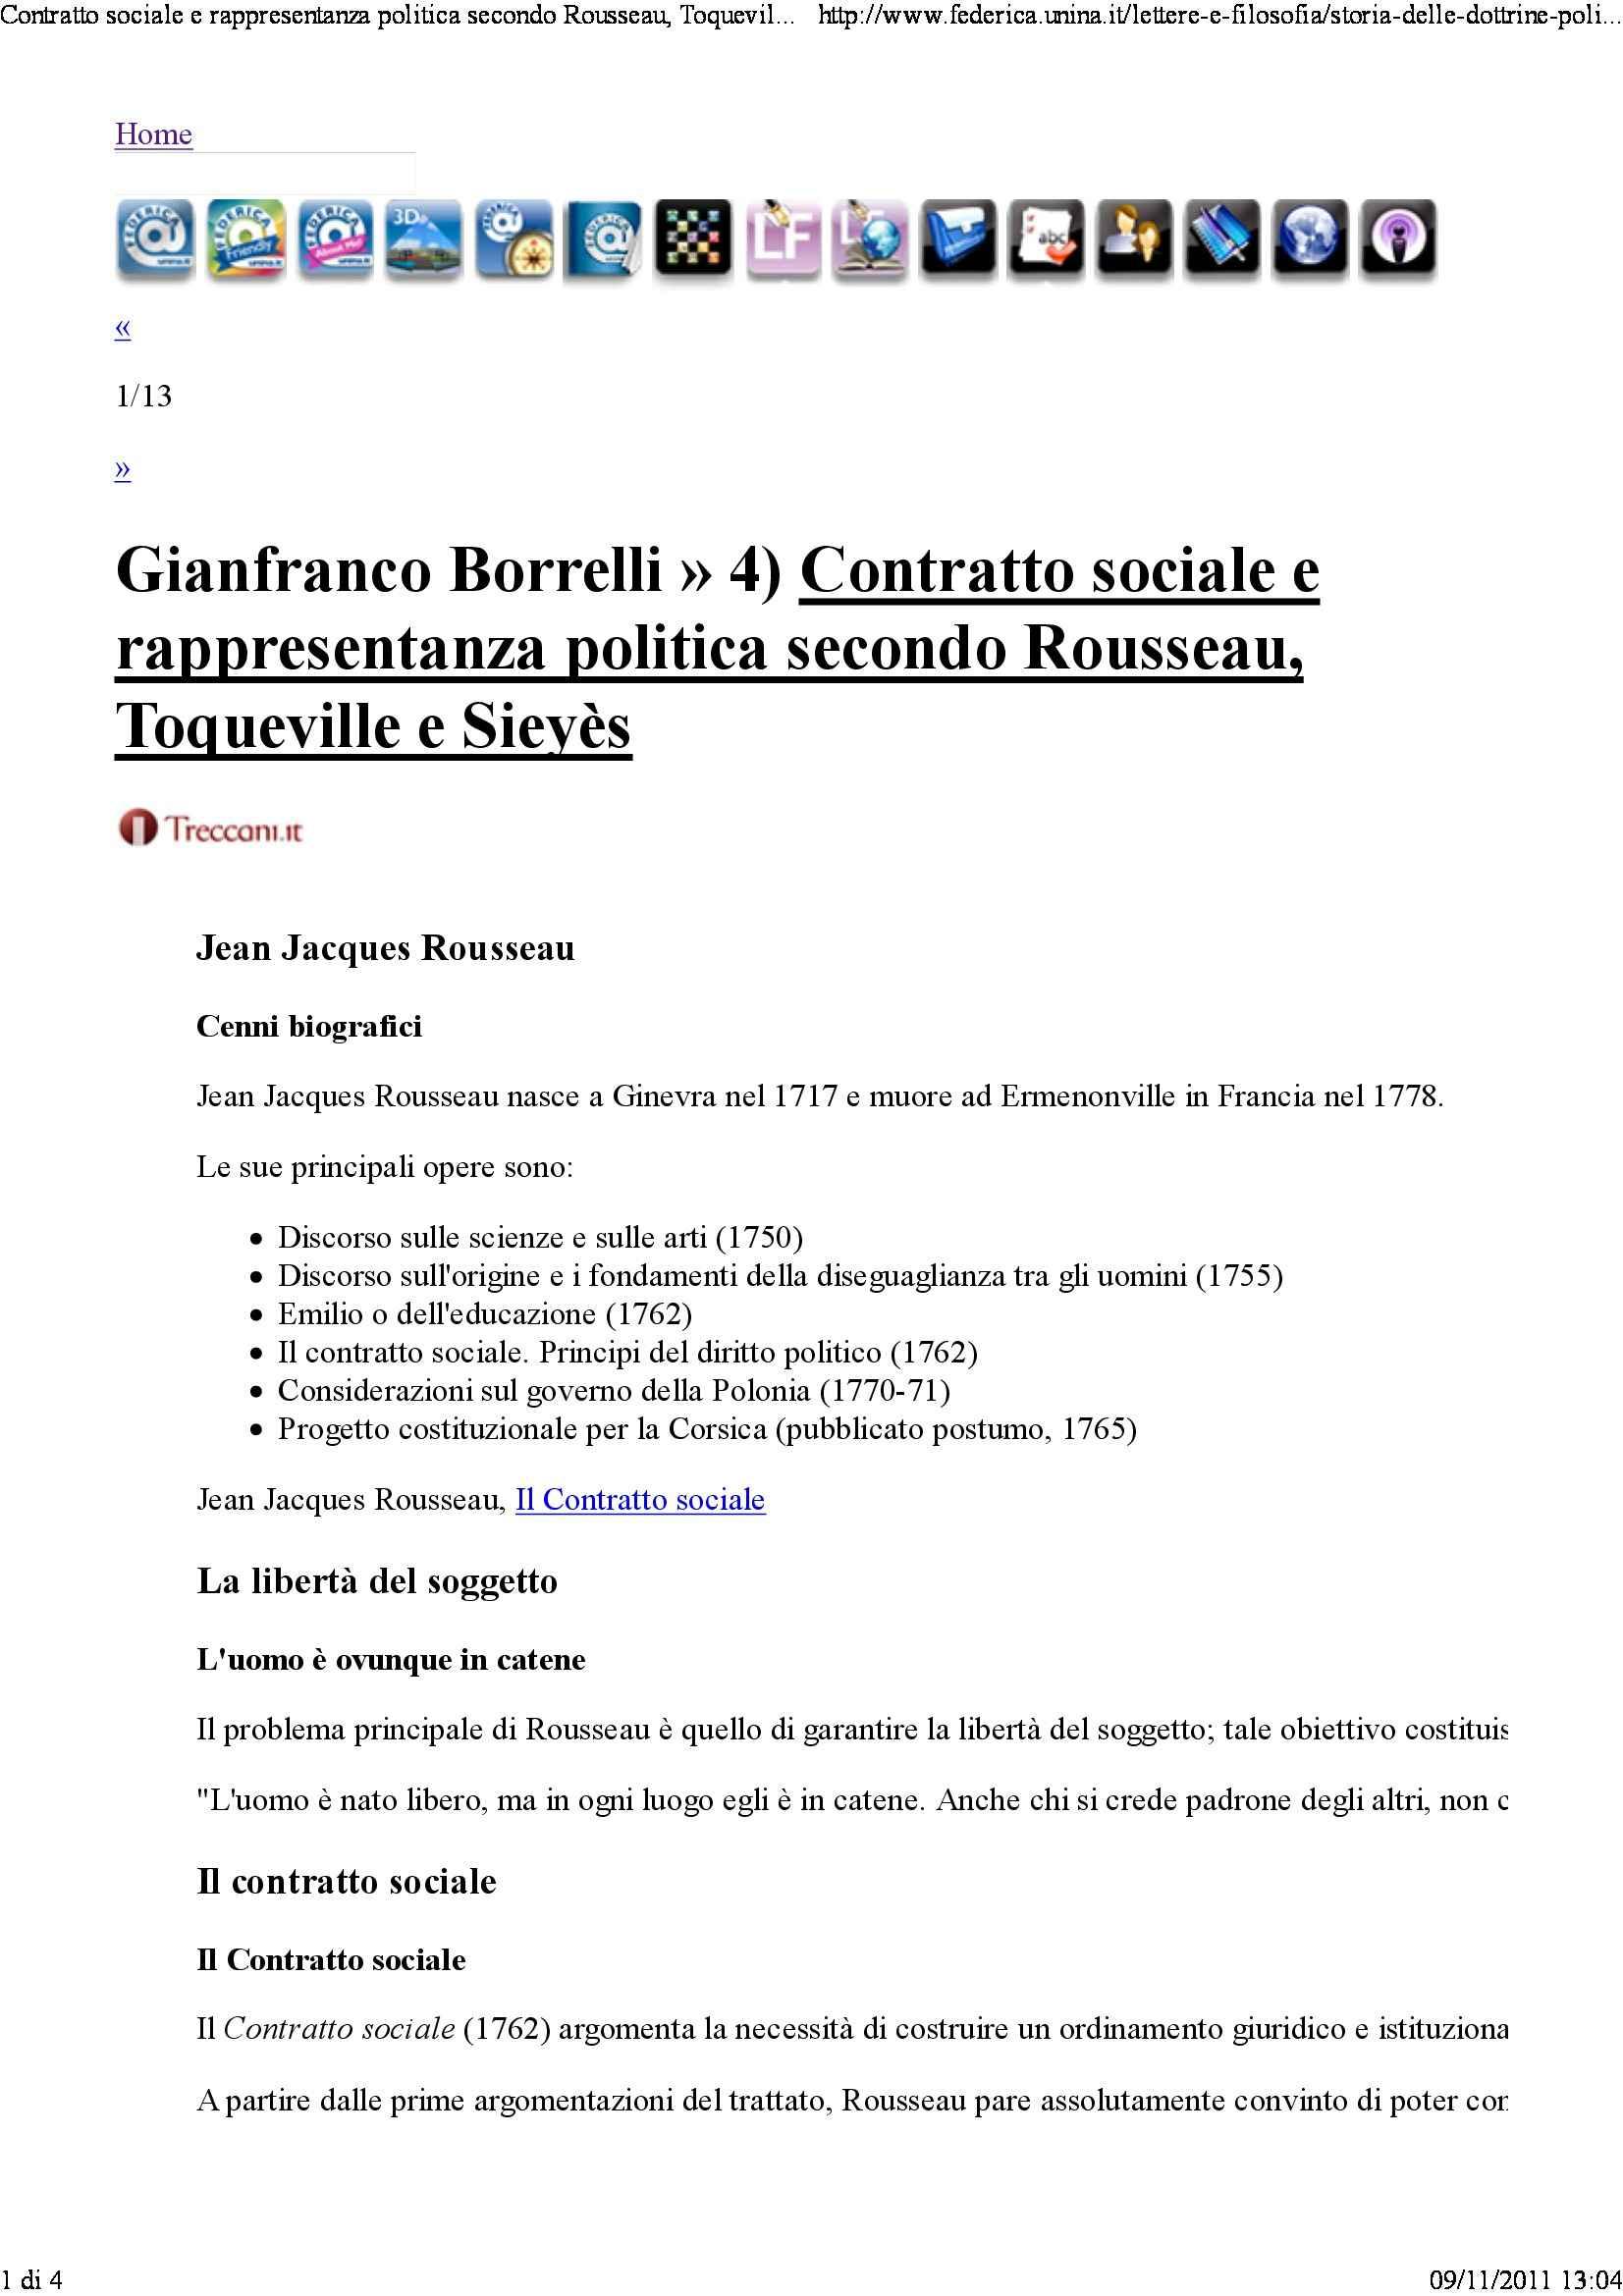 Contratto sociale e rappresentanza politica secondo Rousseau Tocqueville e Sieyes